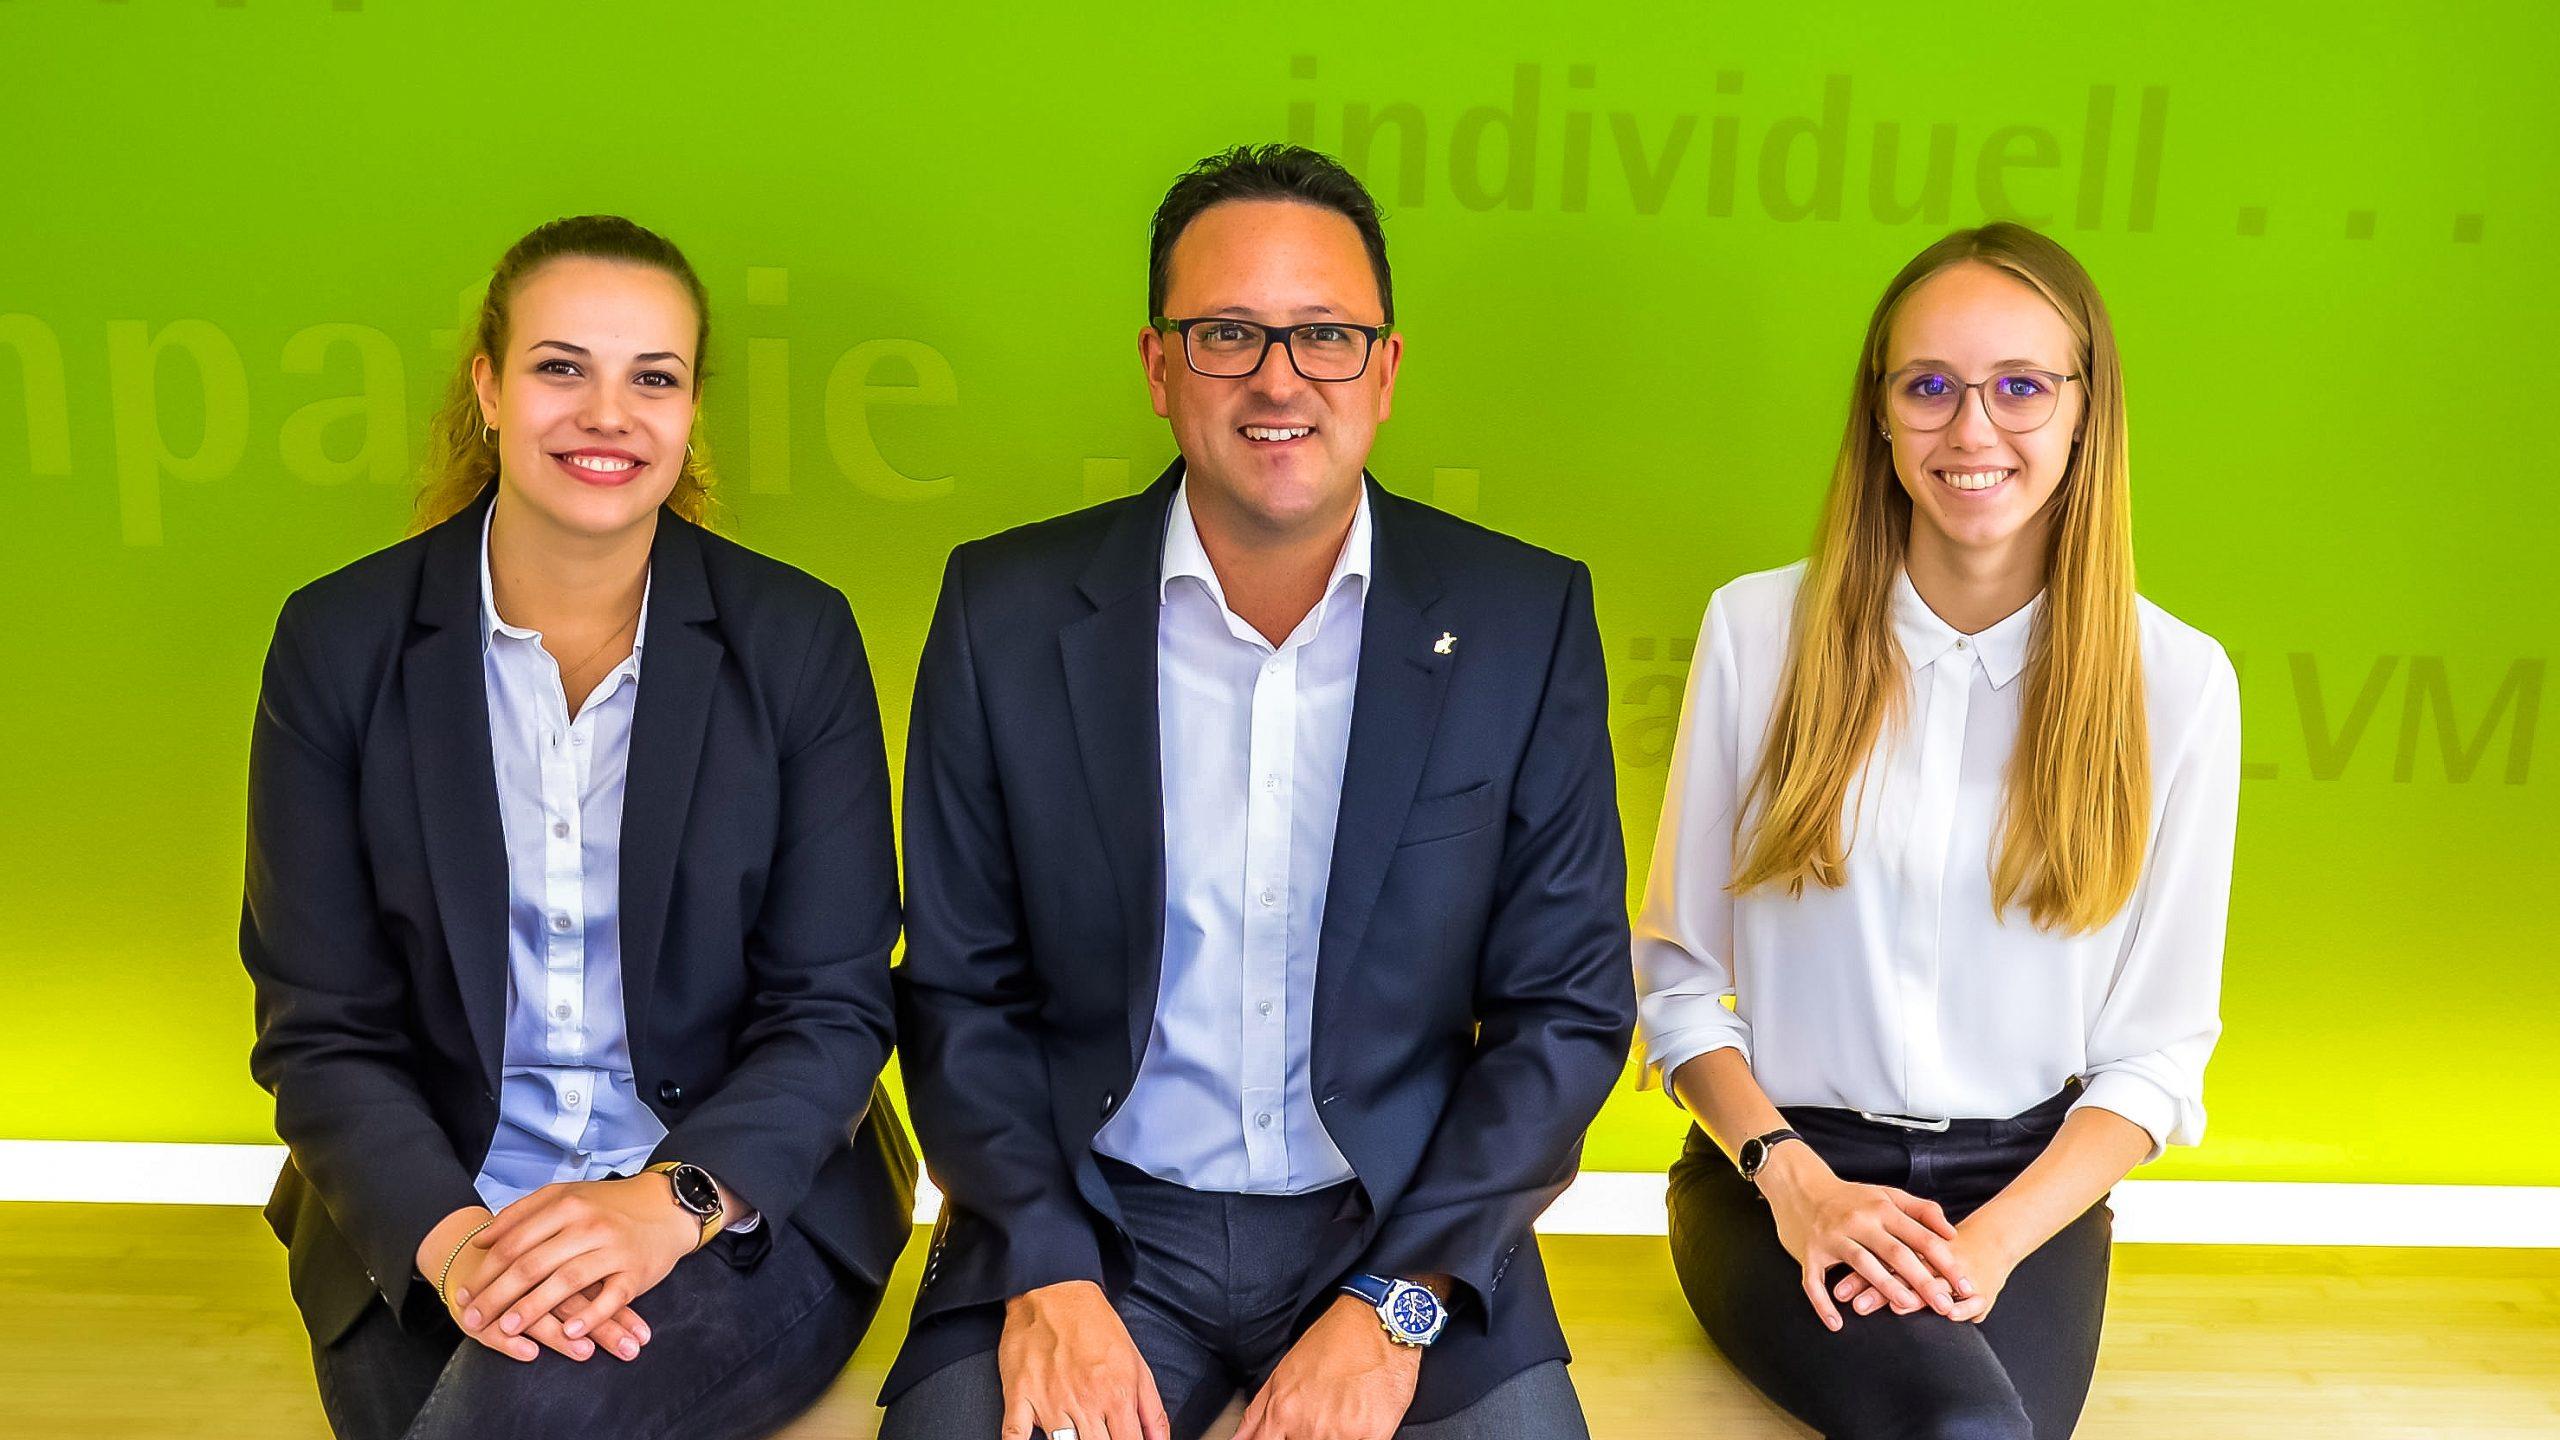 Team Gewerbe-Profi